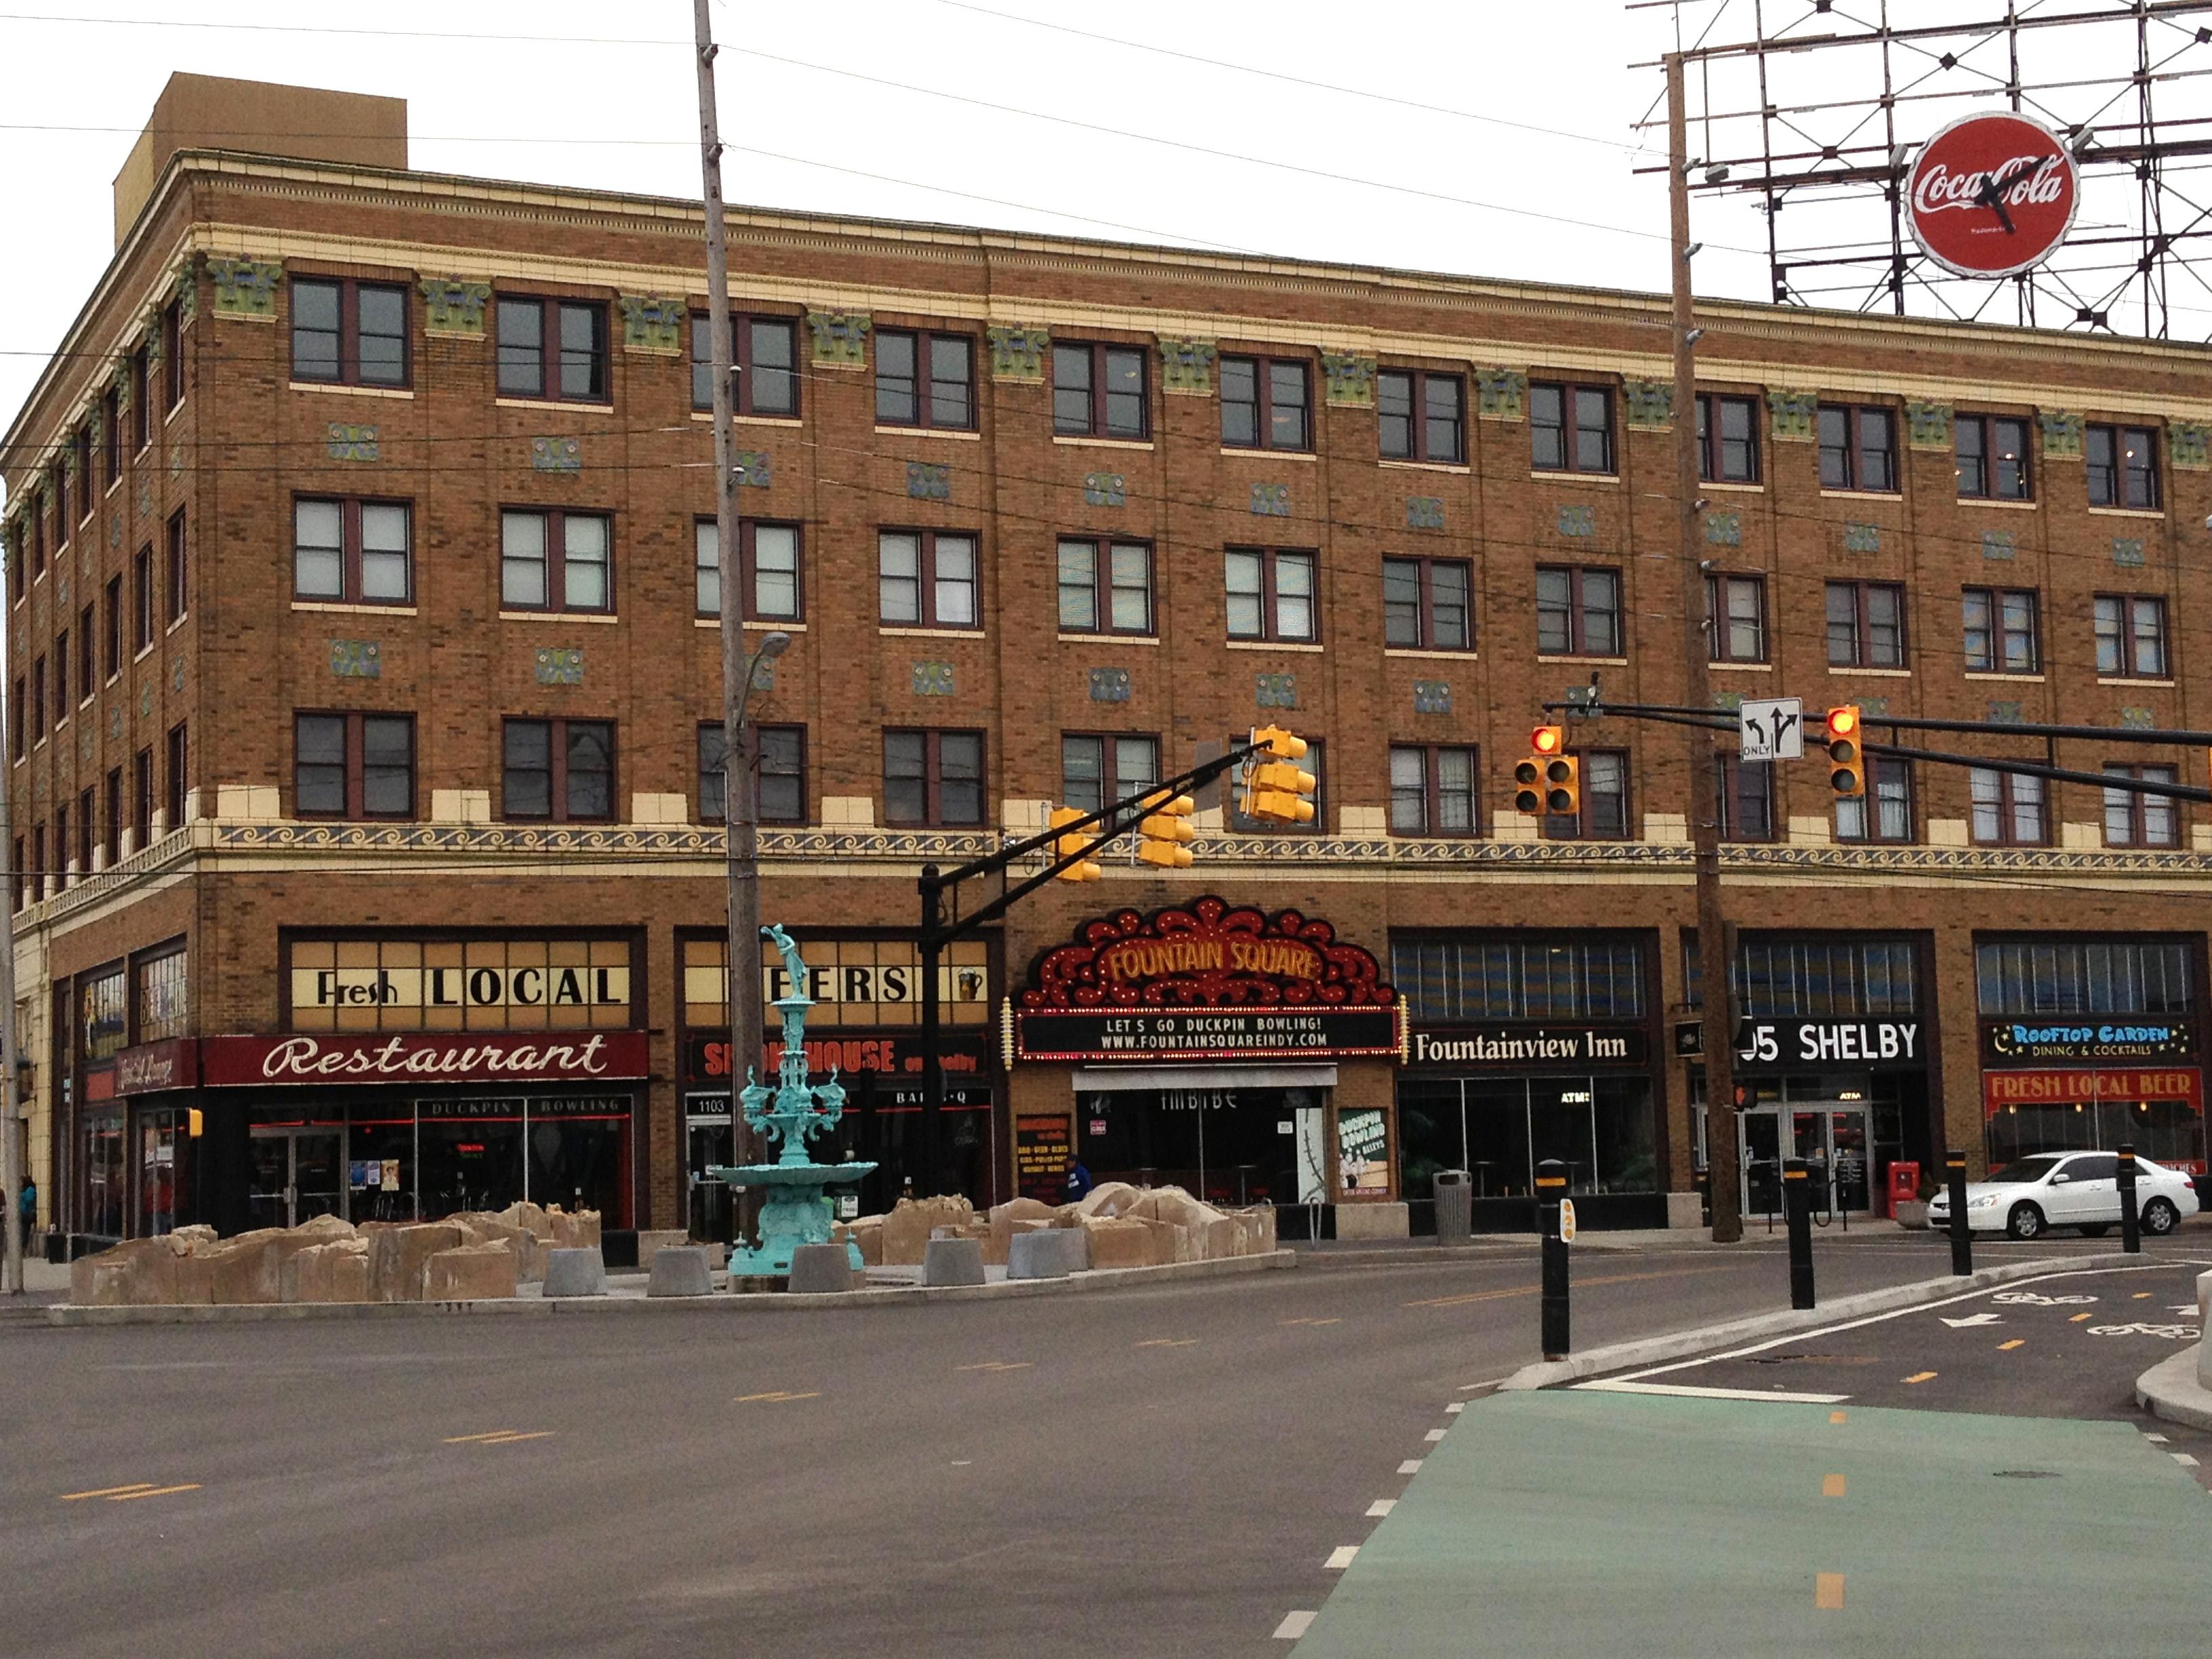 Fountain Square Theatre Building